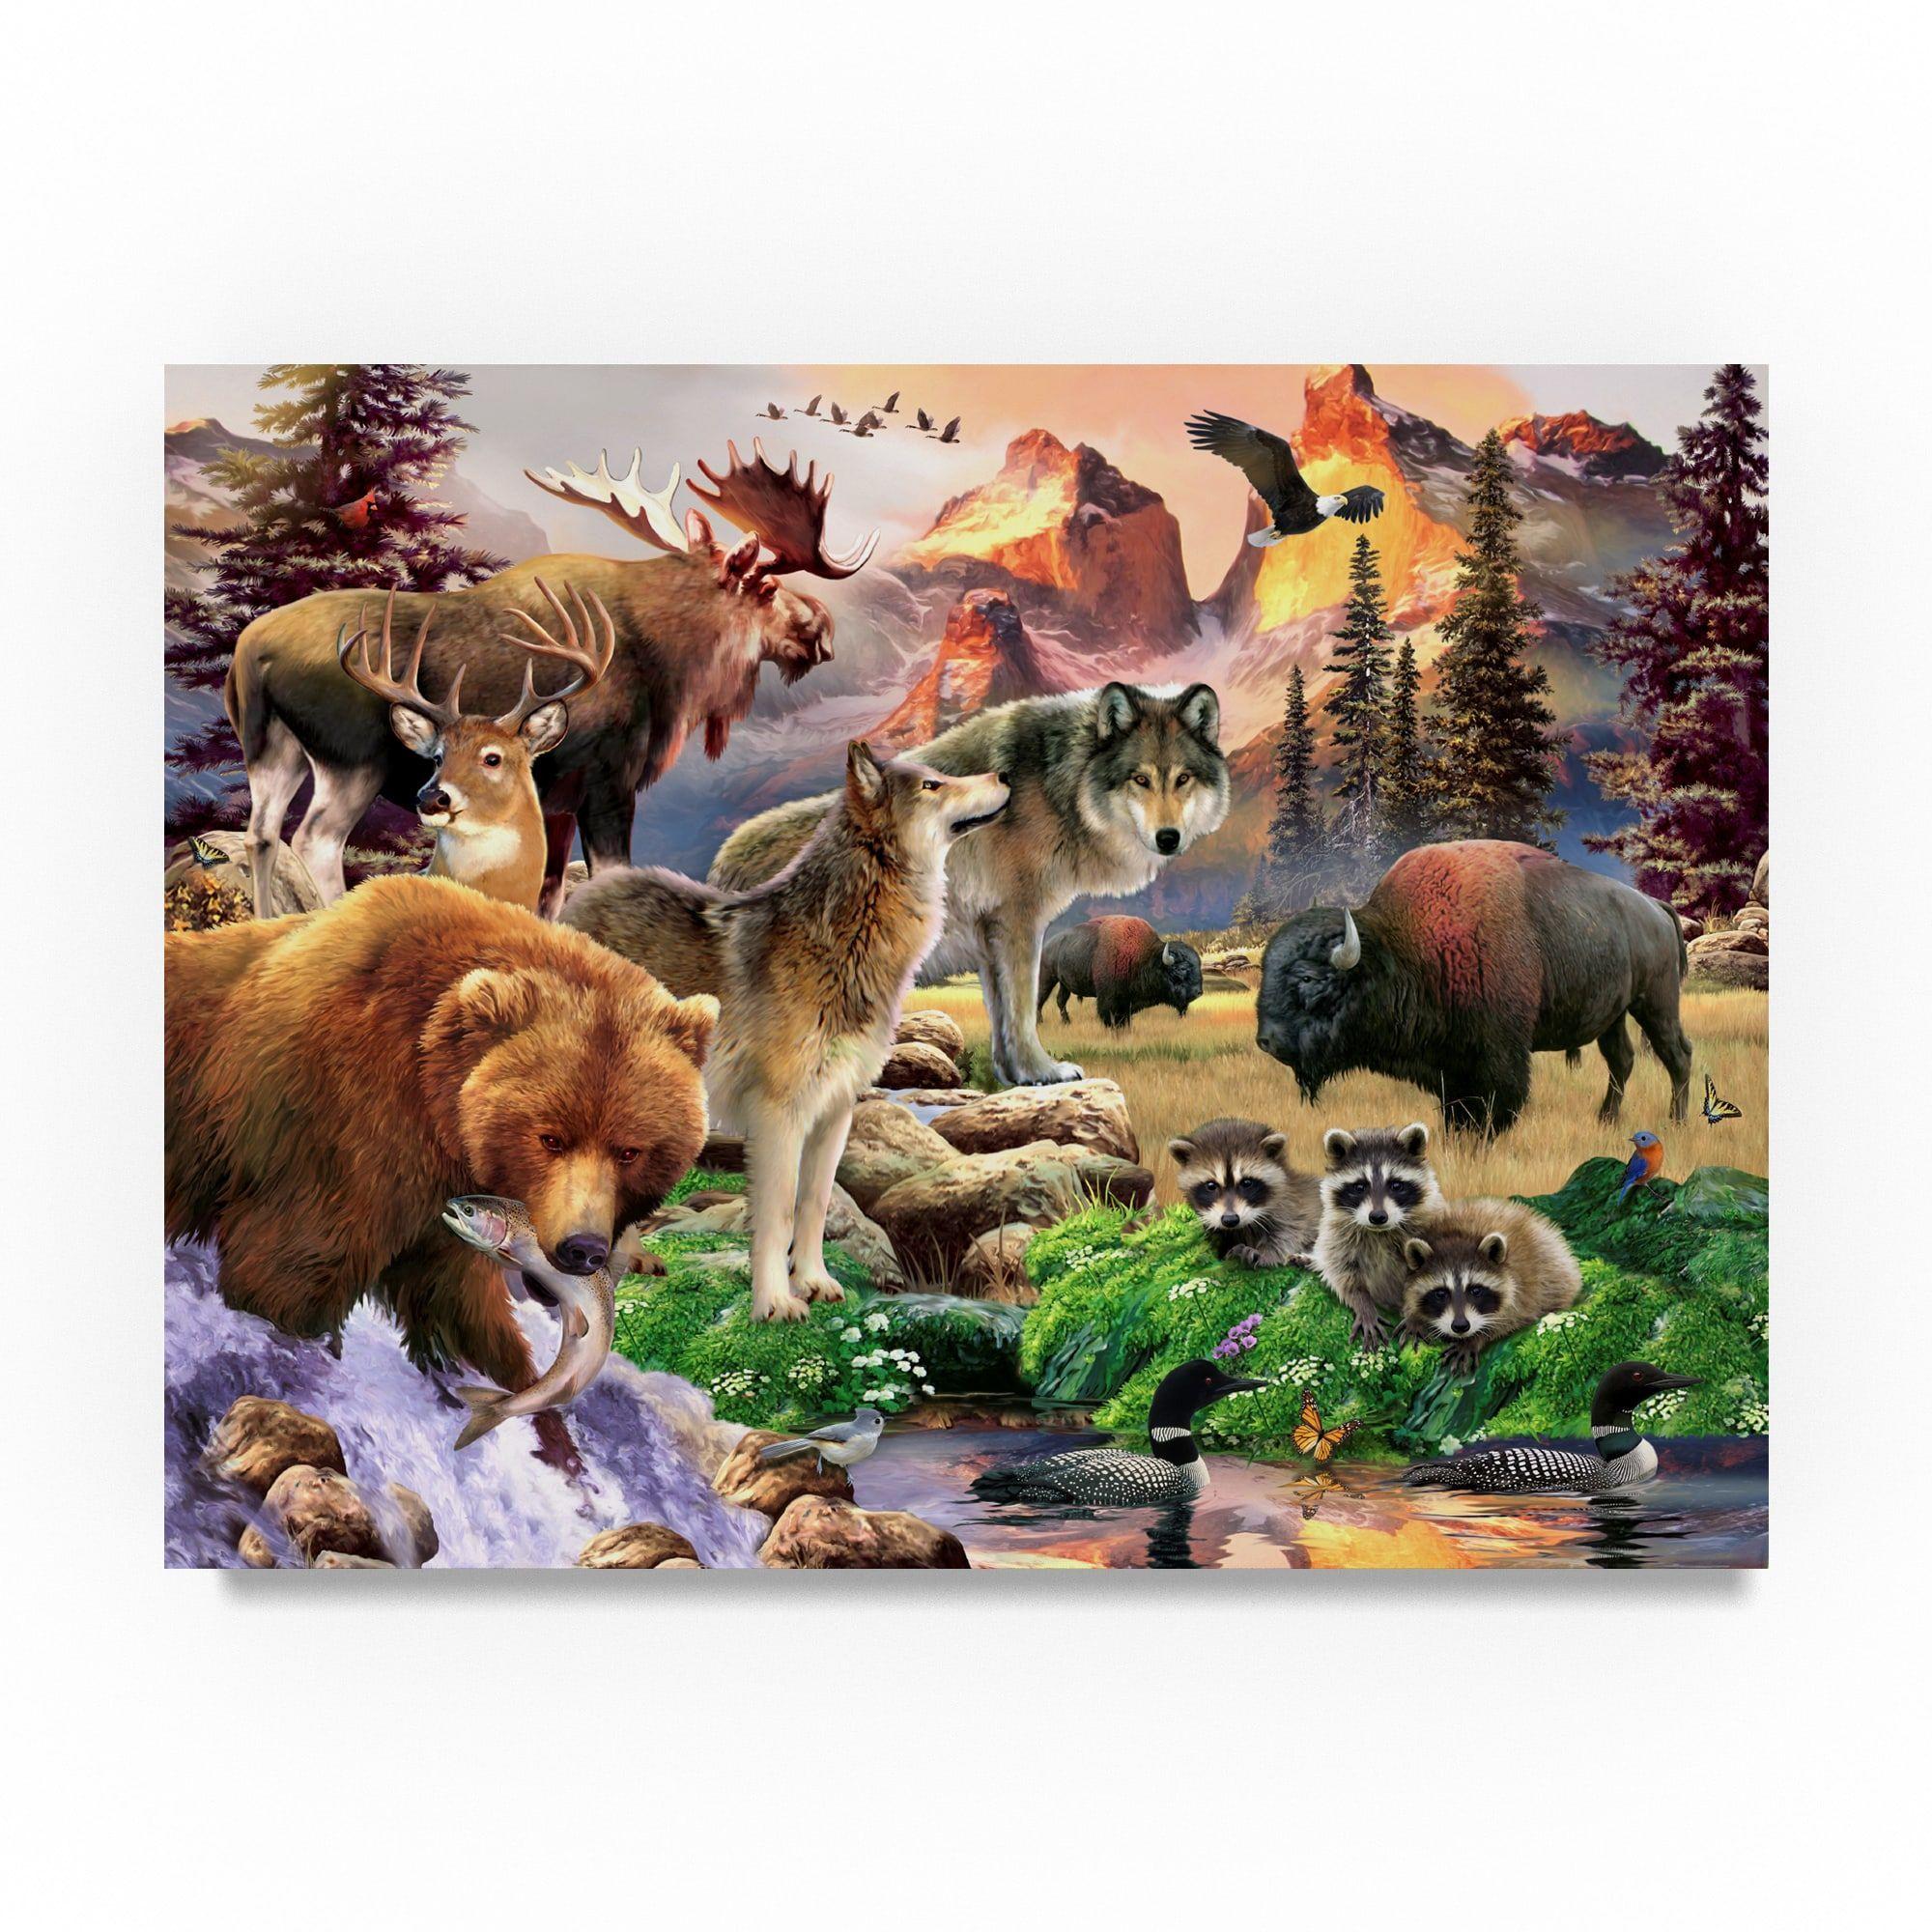 Wildlife Gallery 1000 Piece Puzzle